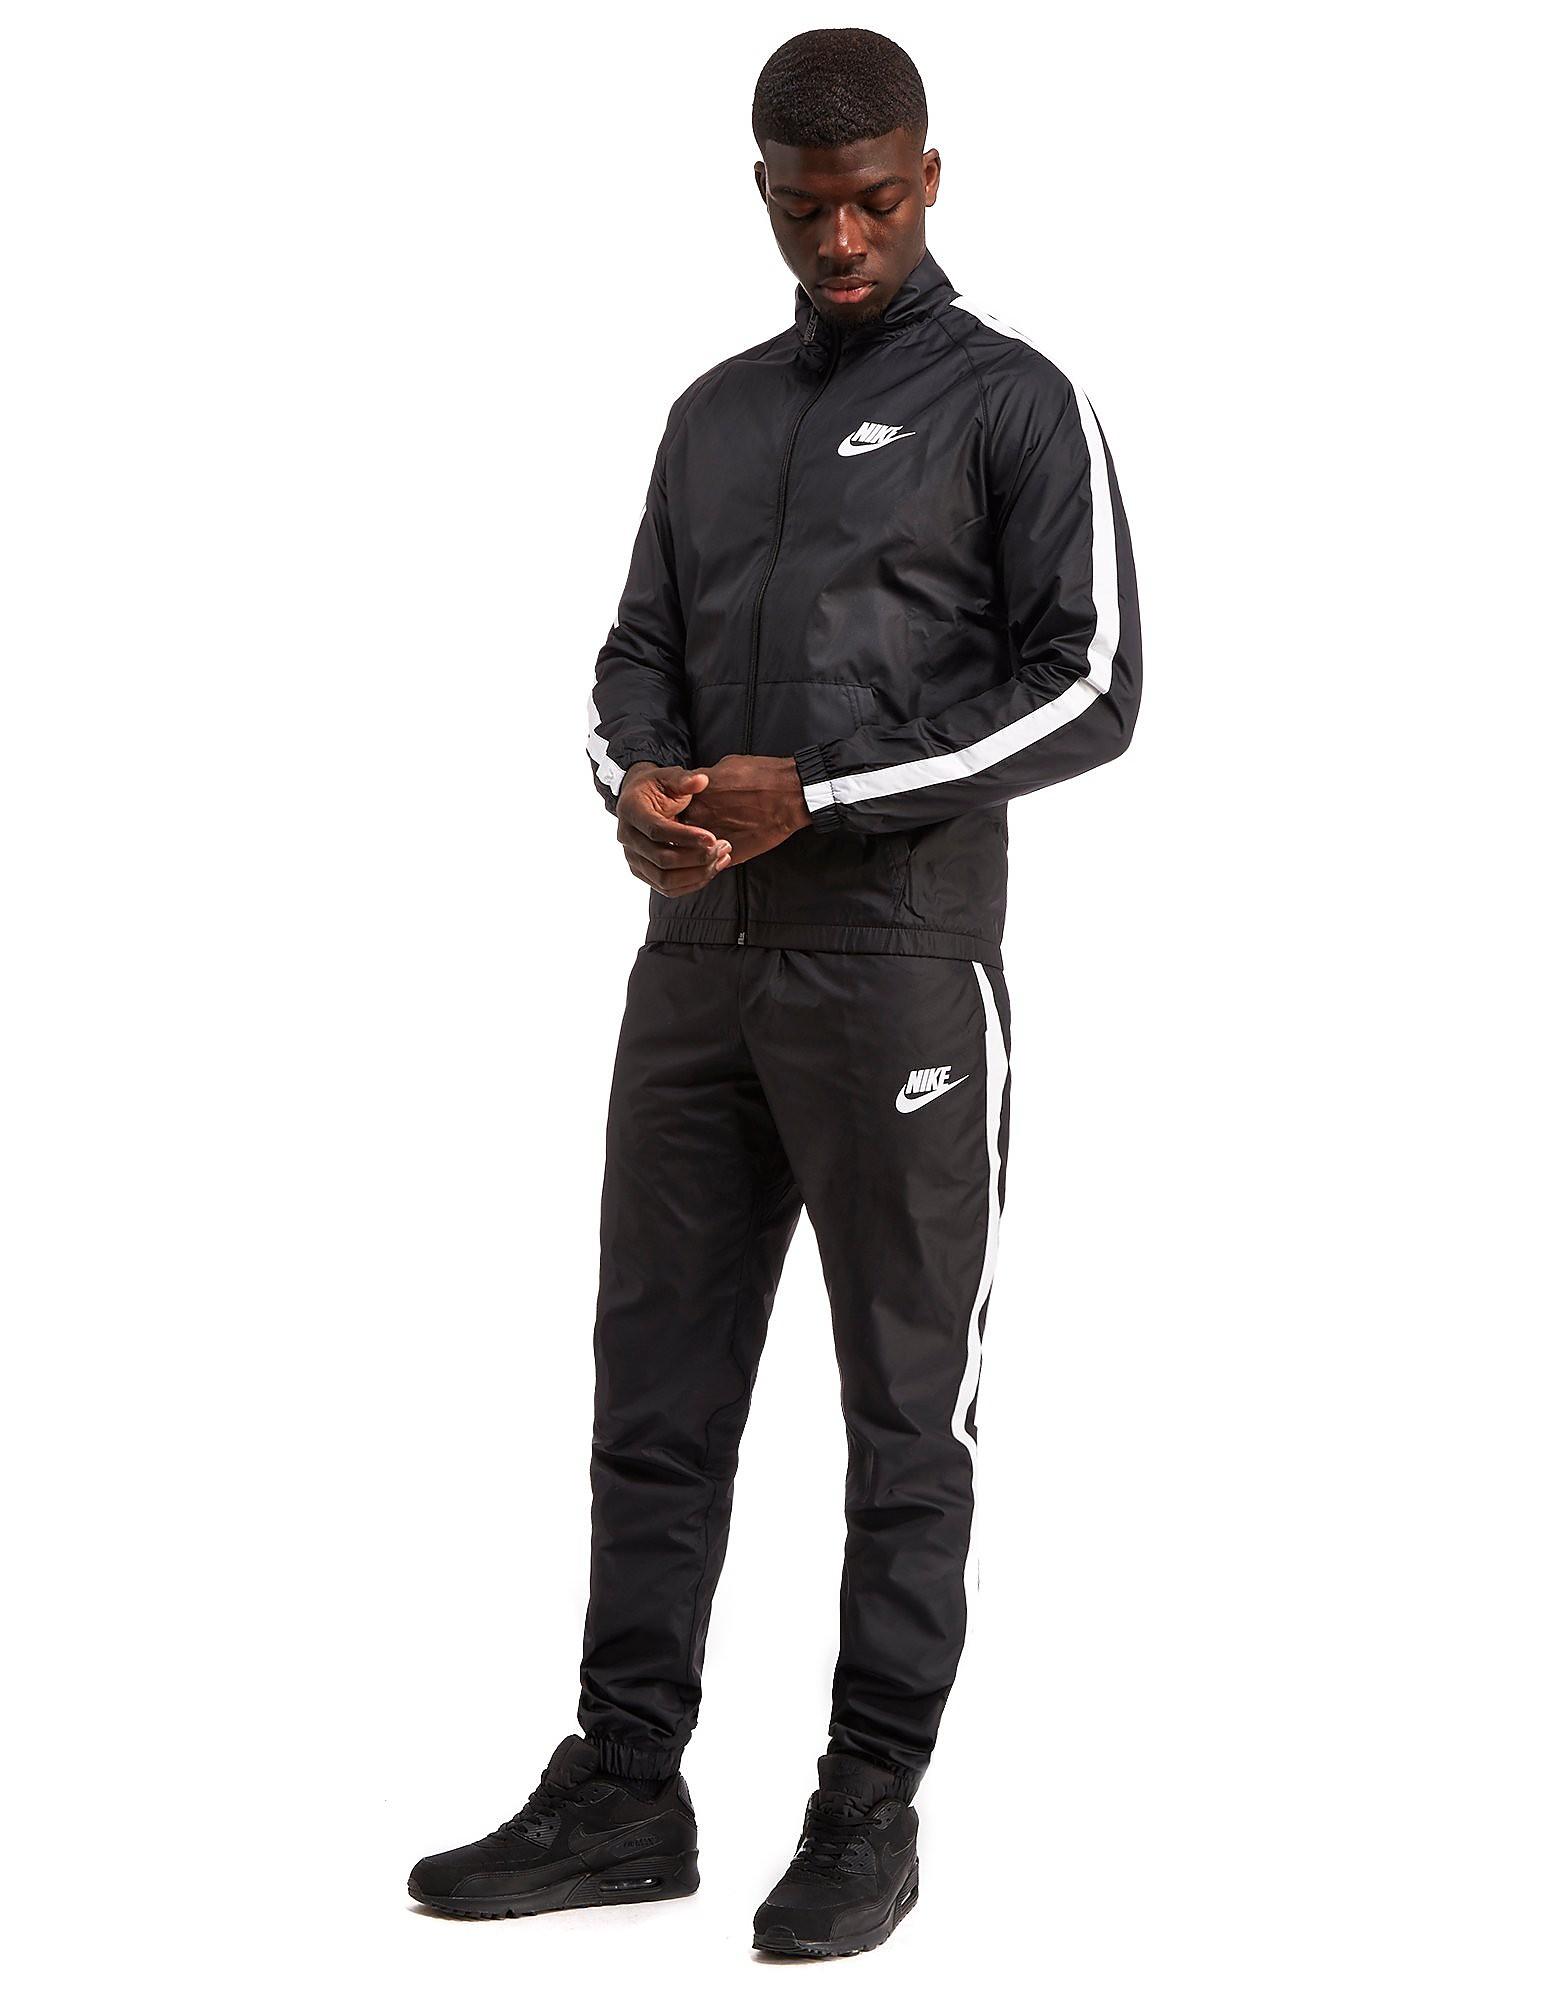 Nike Survêtement Season Woven